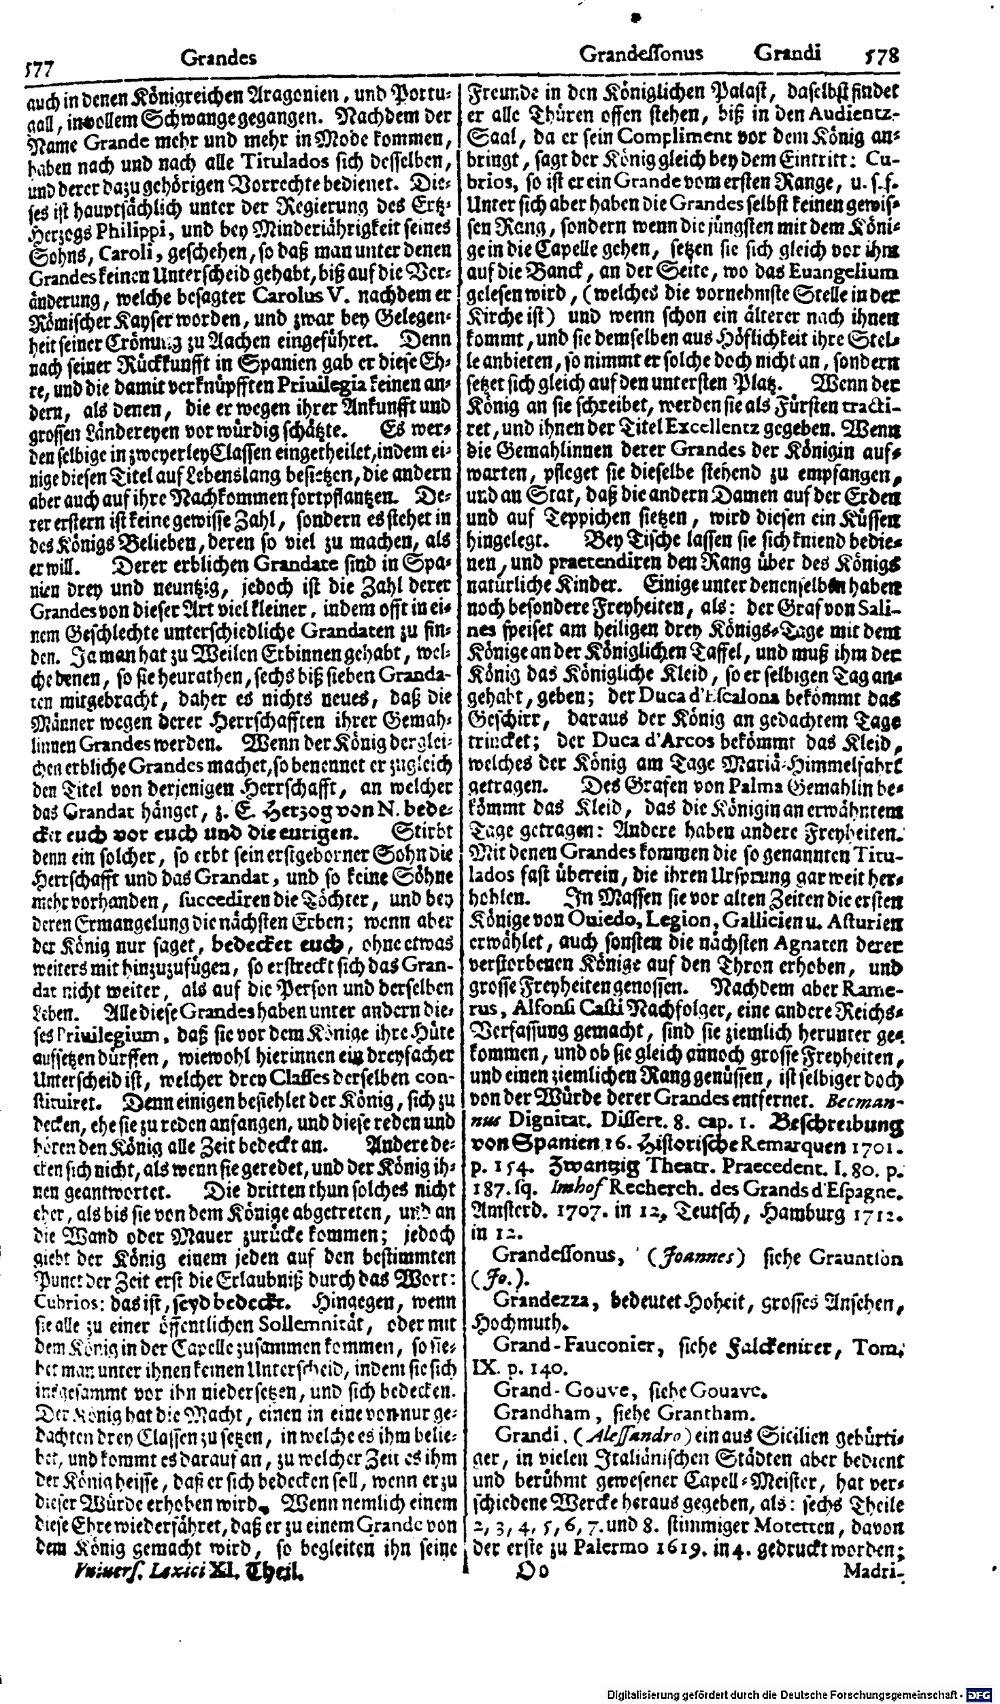 Bd. 11, Seite 0306.